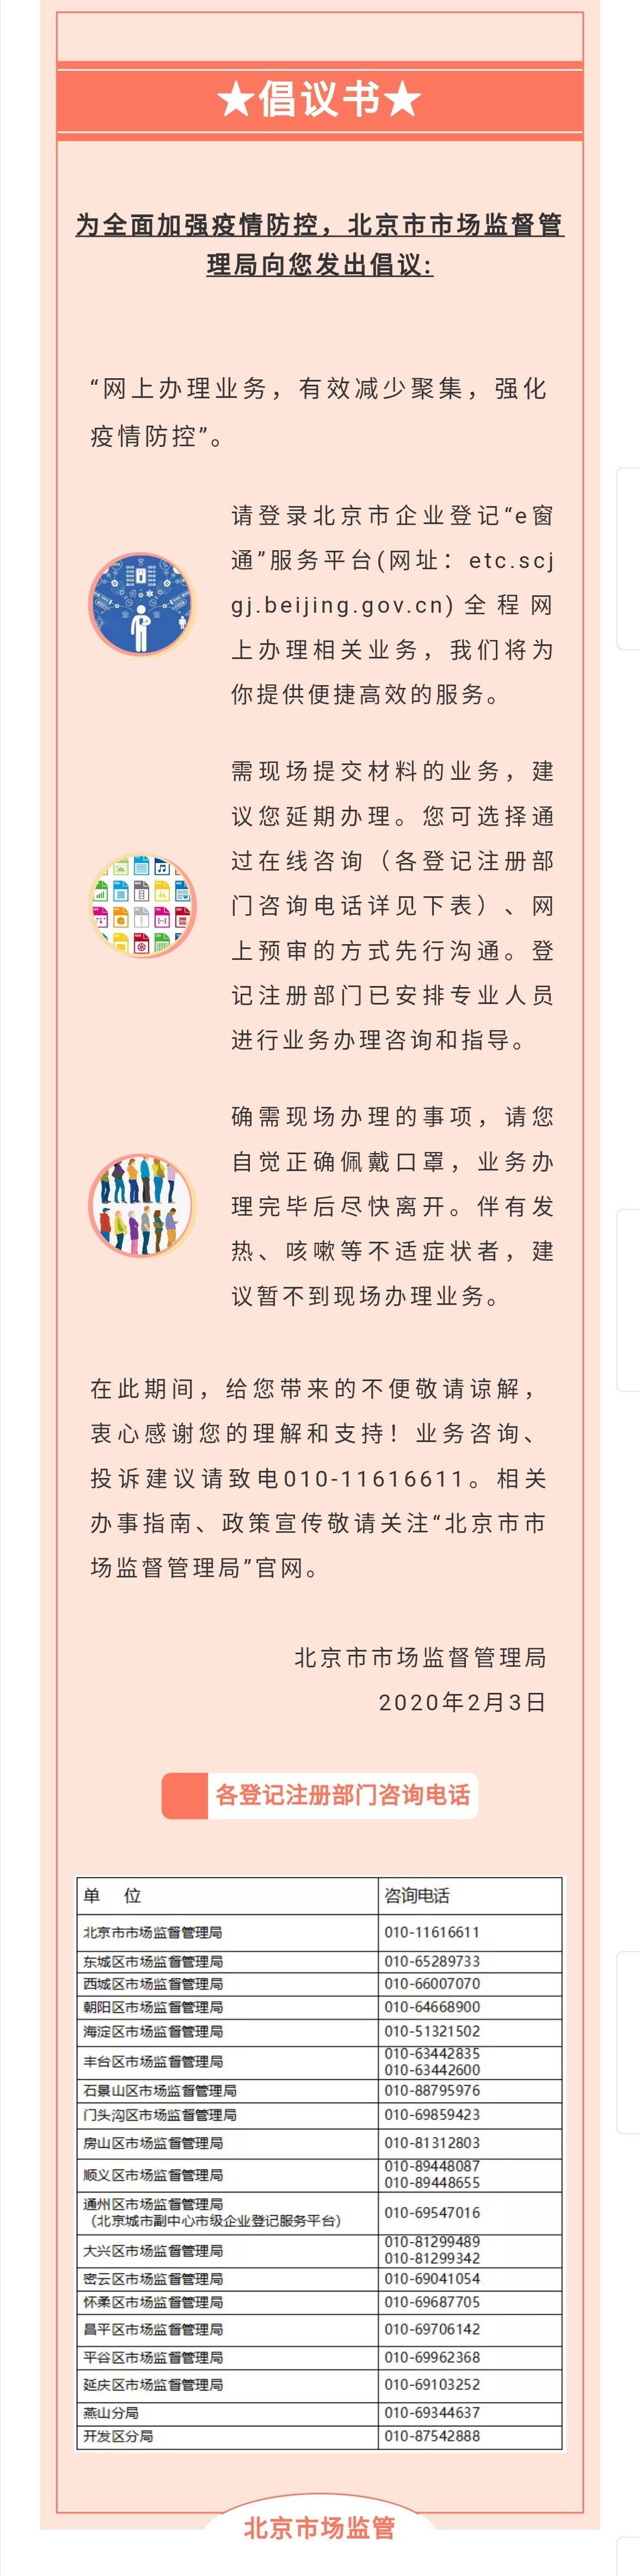 恒丰银行原董事长姜喜运被判死缓千亿定增落地在即